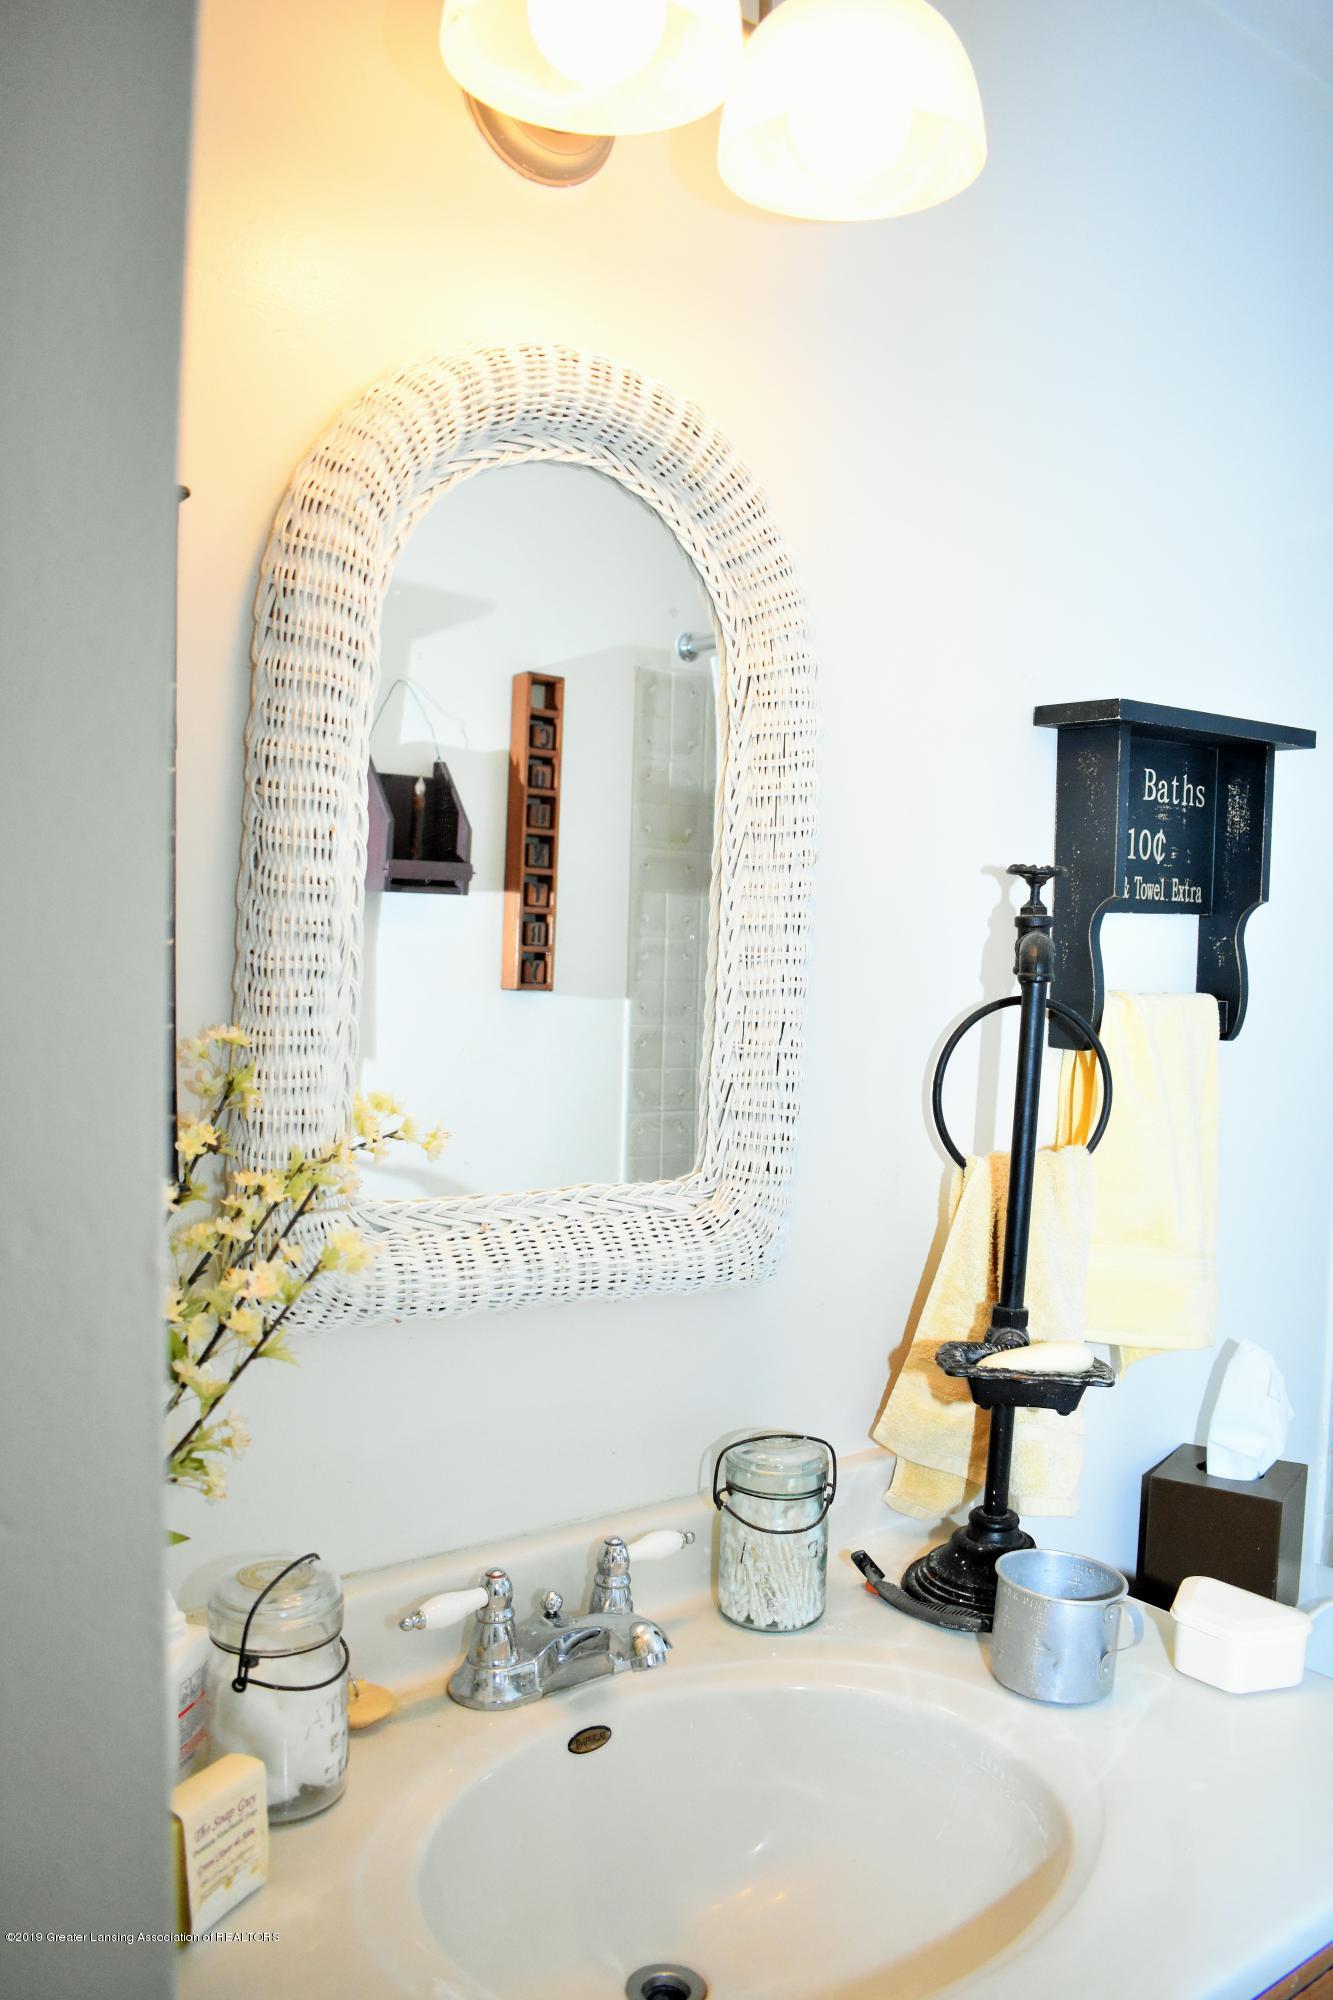 4394 Keller Rd - 31.JPG 4394 Keller Rd. bathroom vanity - 13